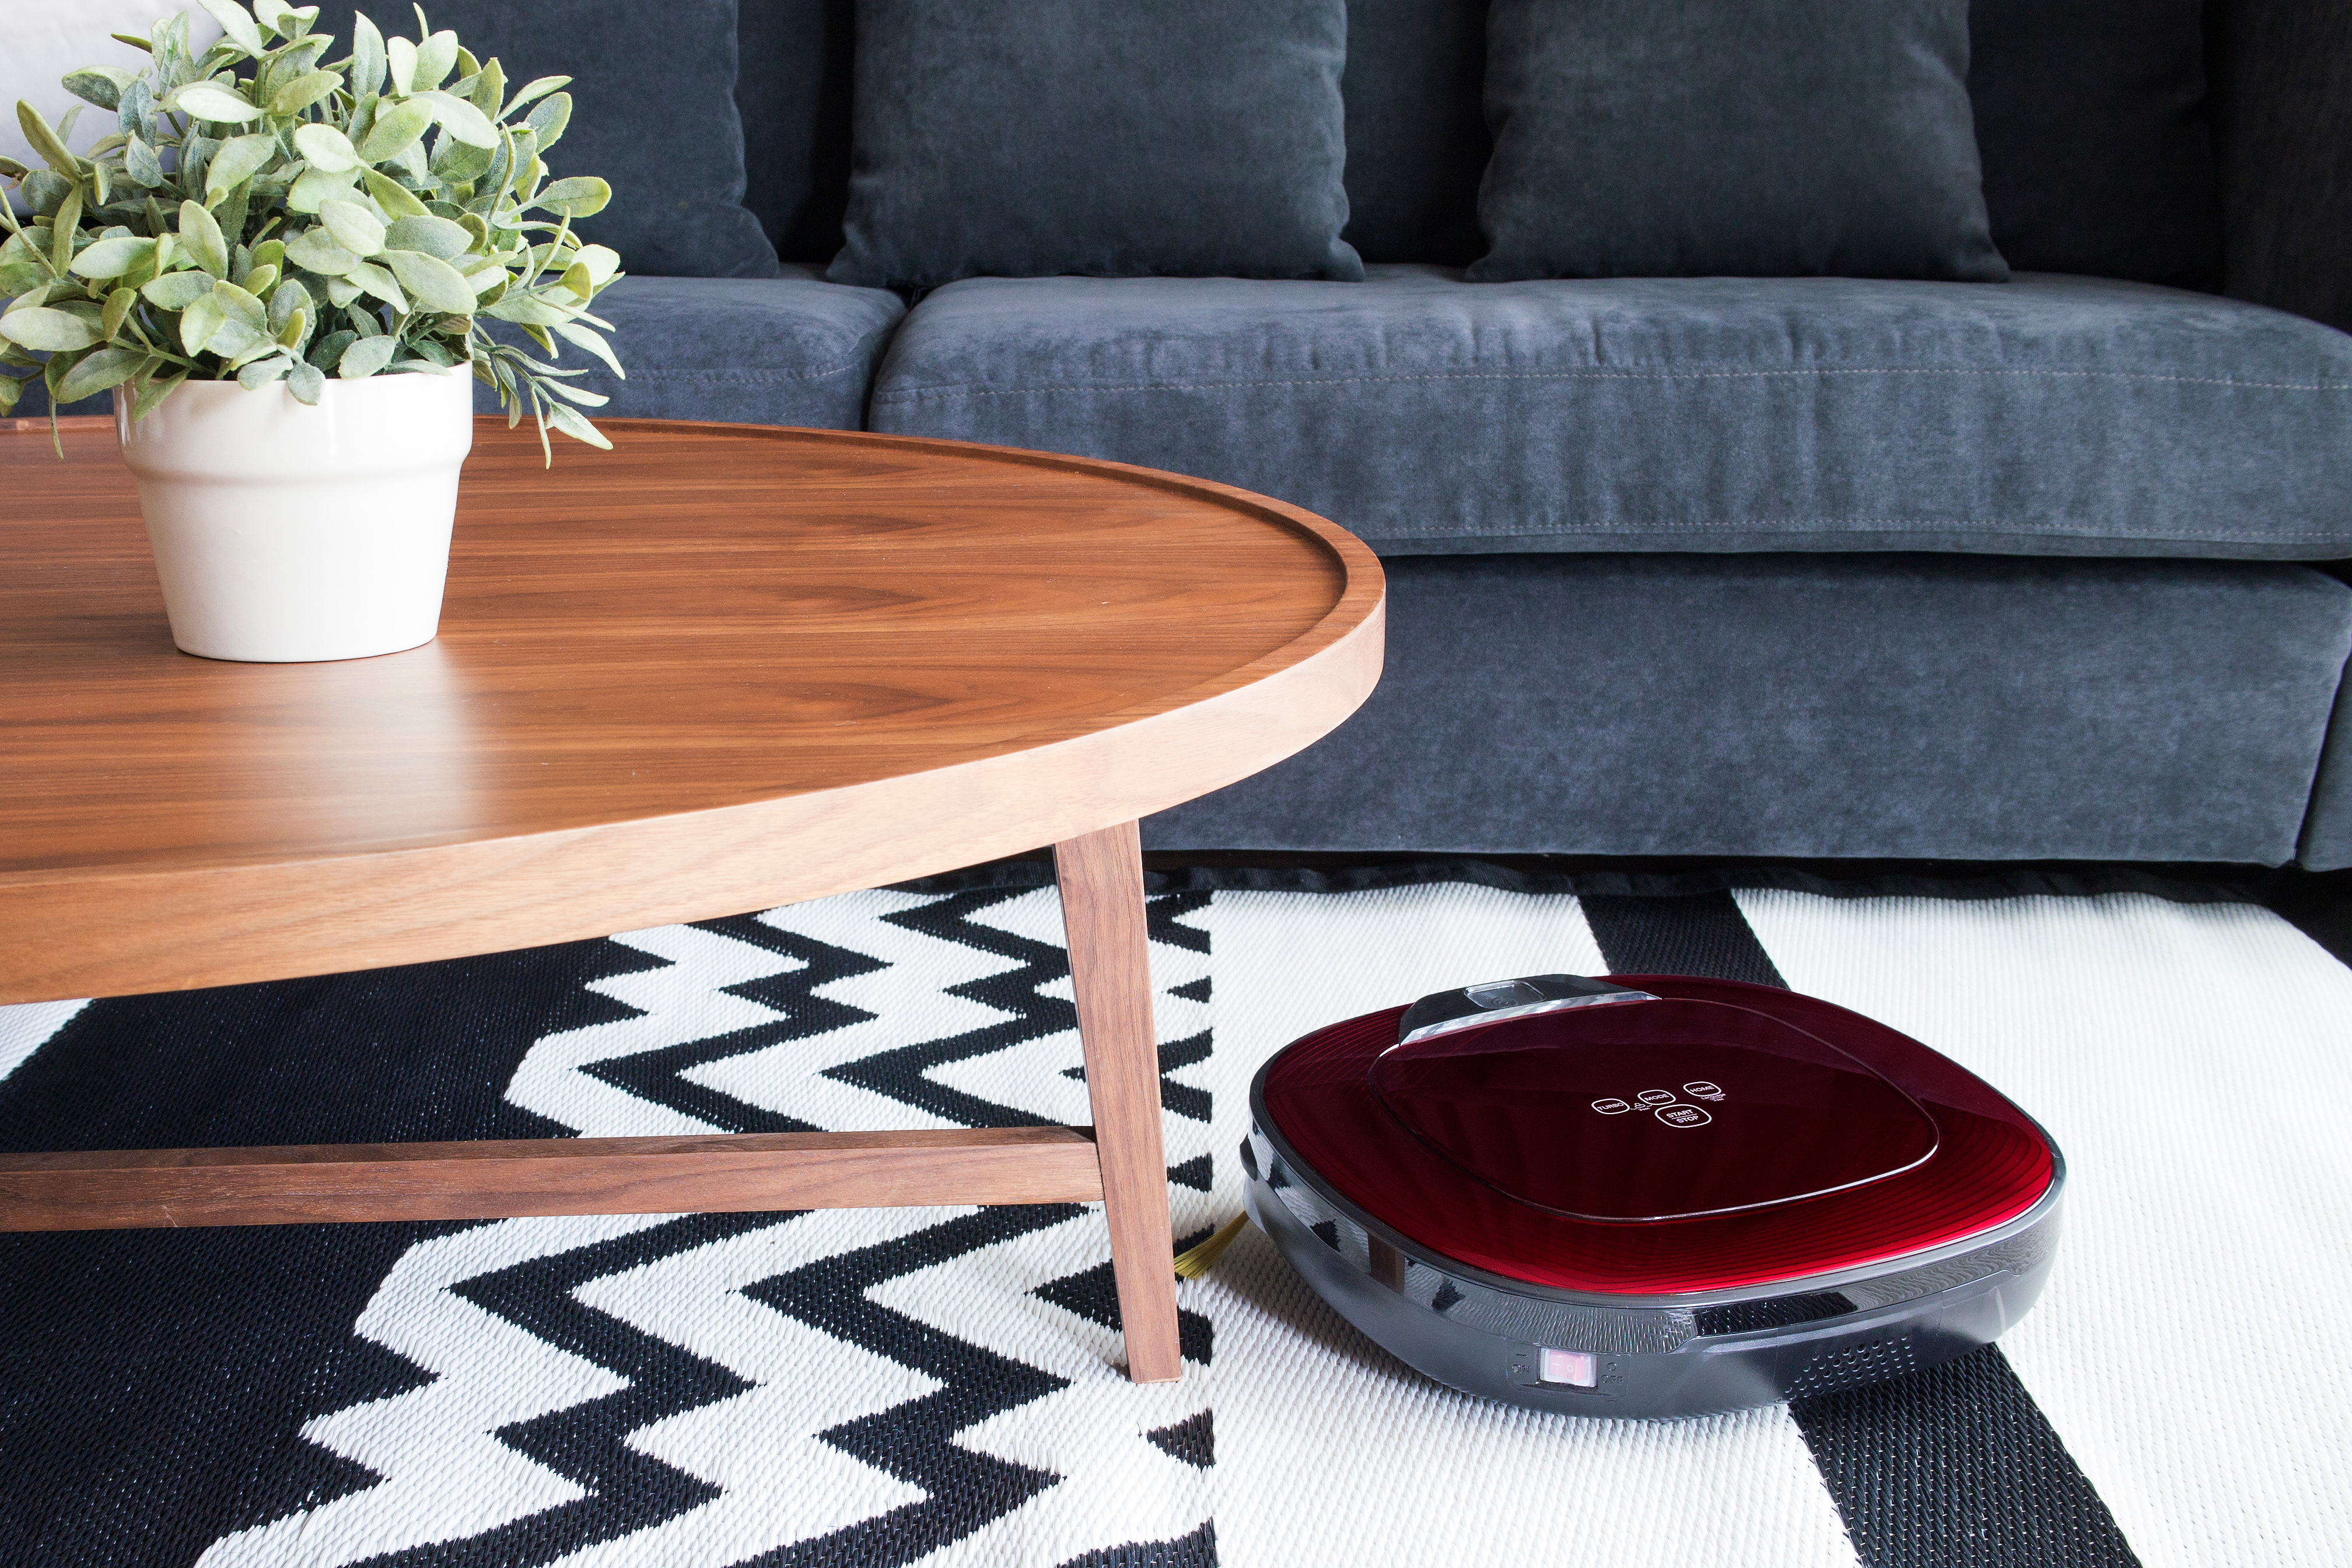 red robot vacuum